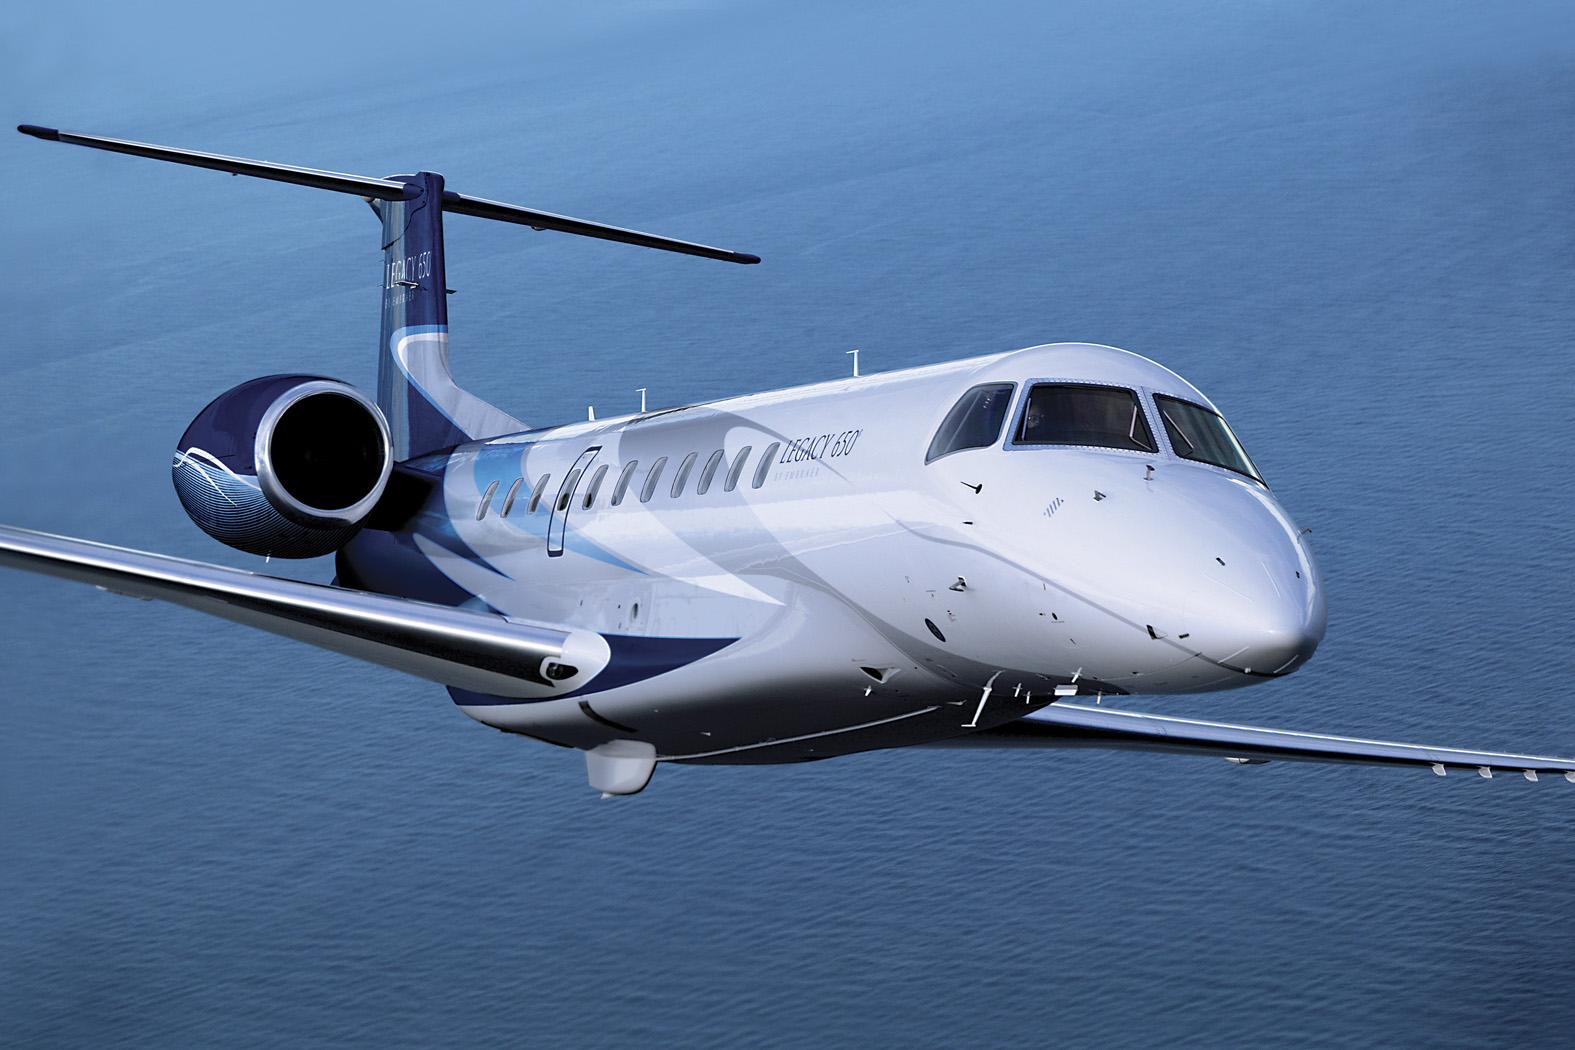 Embraer Legacy 600-650 ex_tcm87-3859.jpg